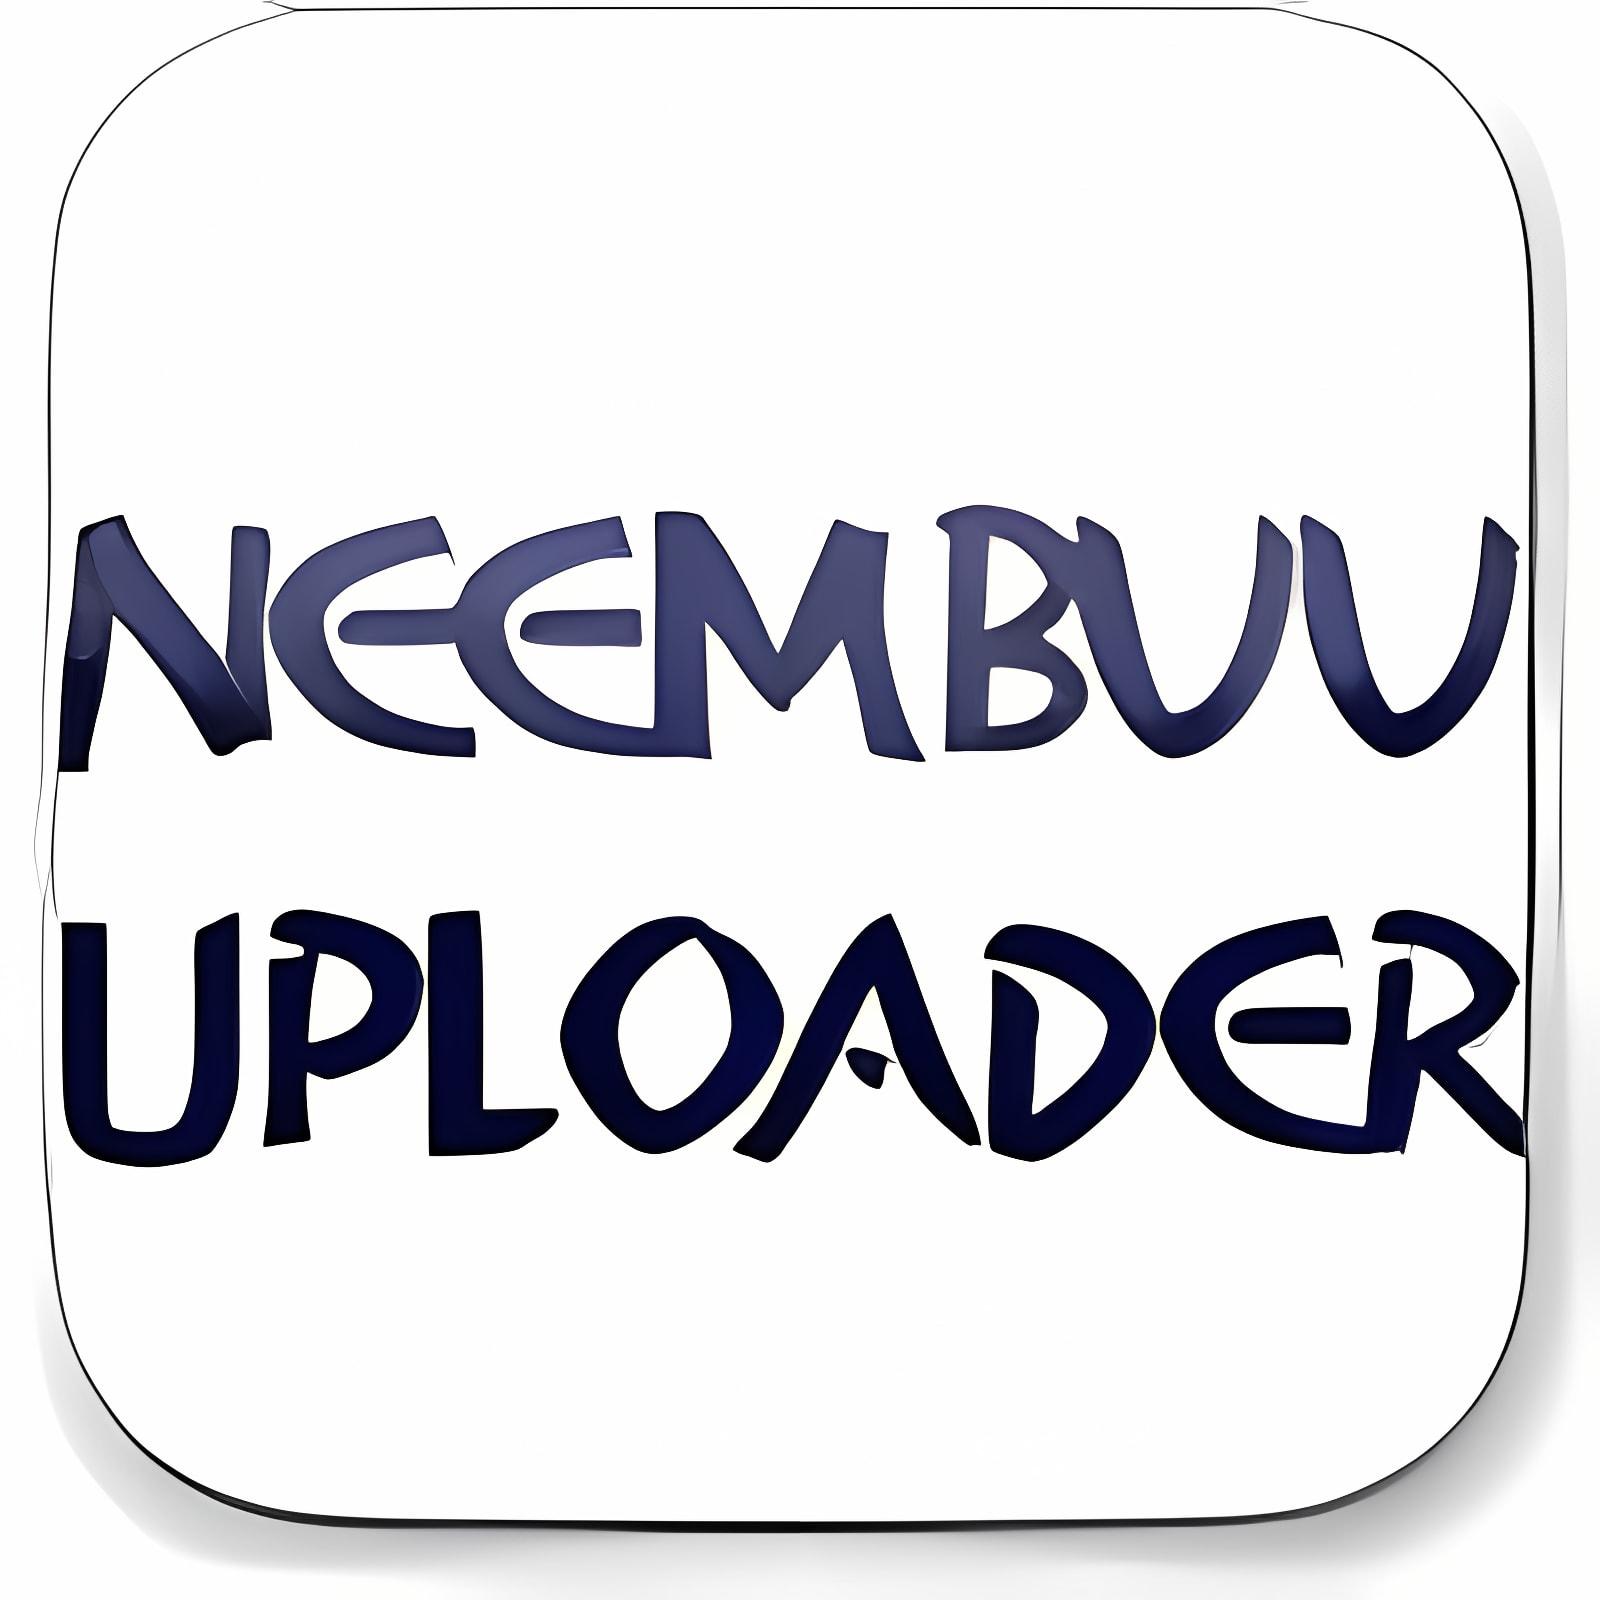 Neembuu Uploader 2.4